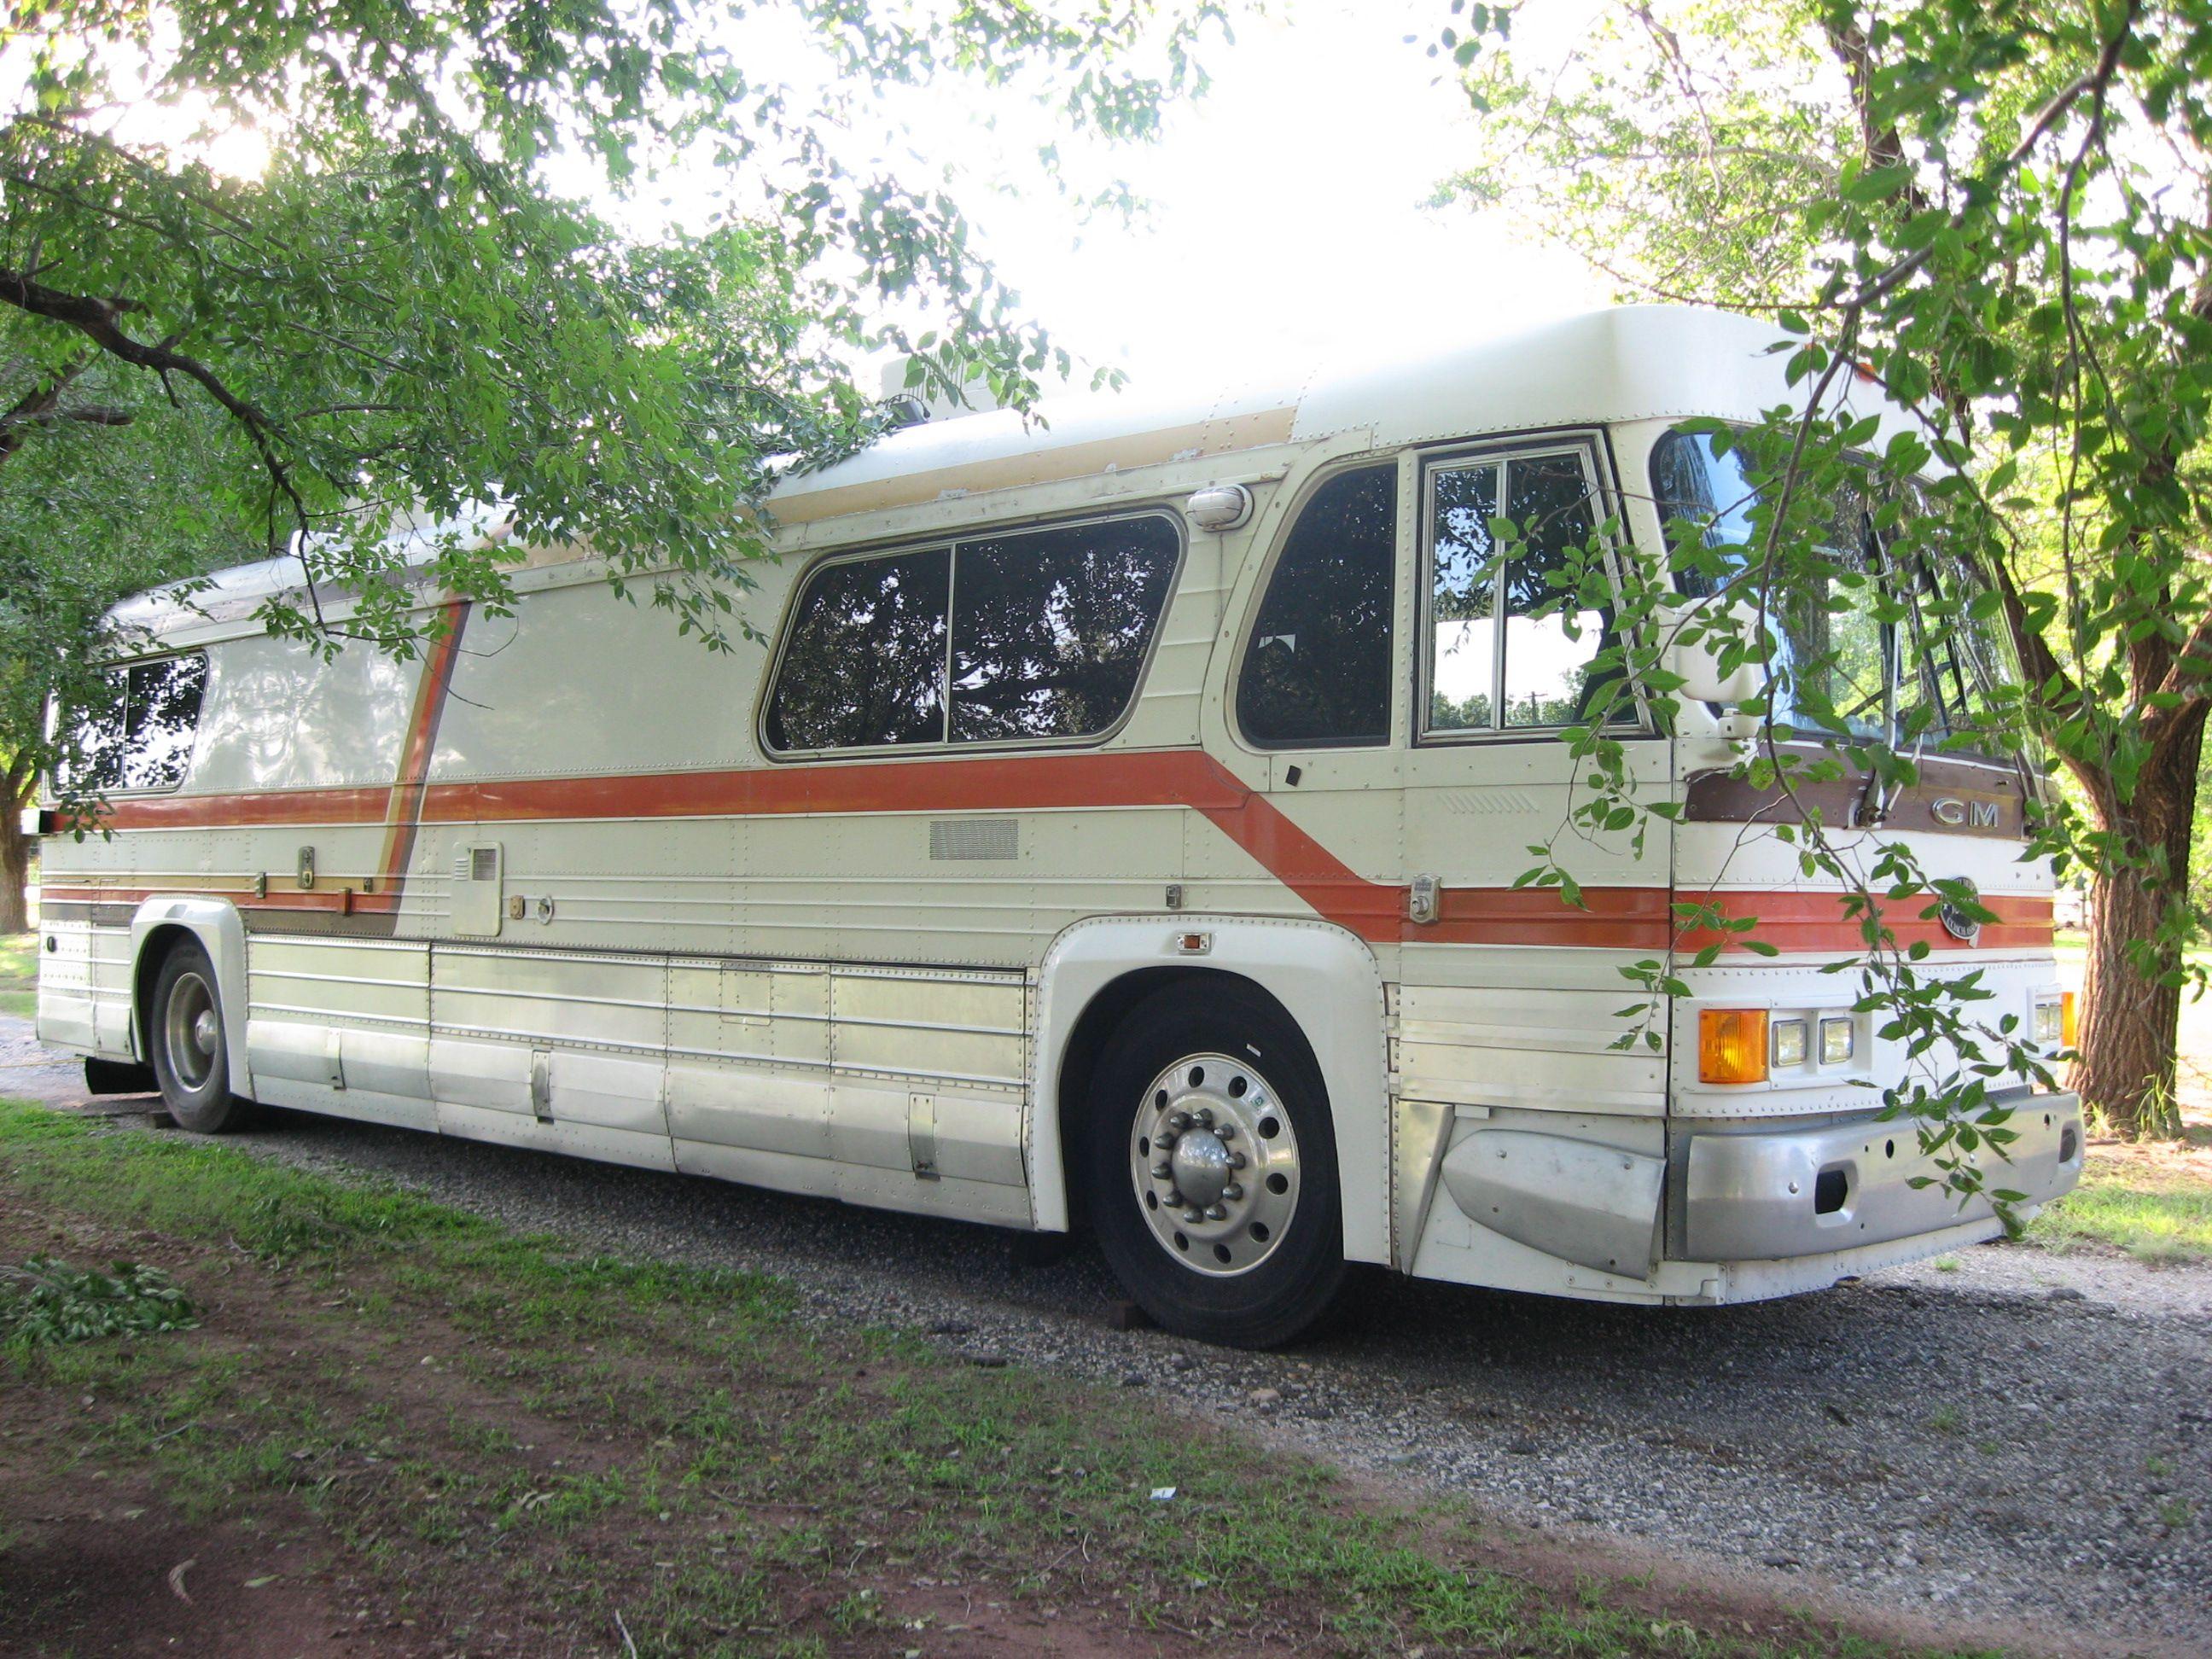 Our BOB (Big Old Bus) 1962 GM 4106 Detroit 8V71 Diesel (formerly